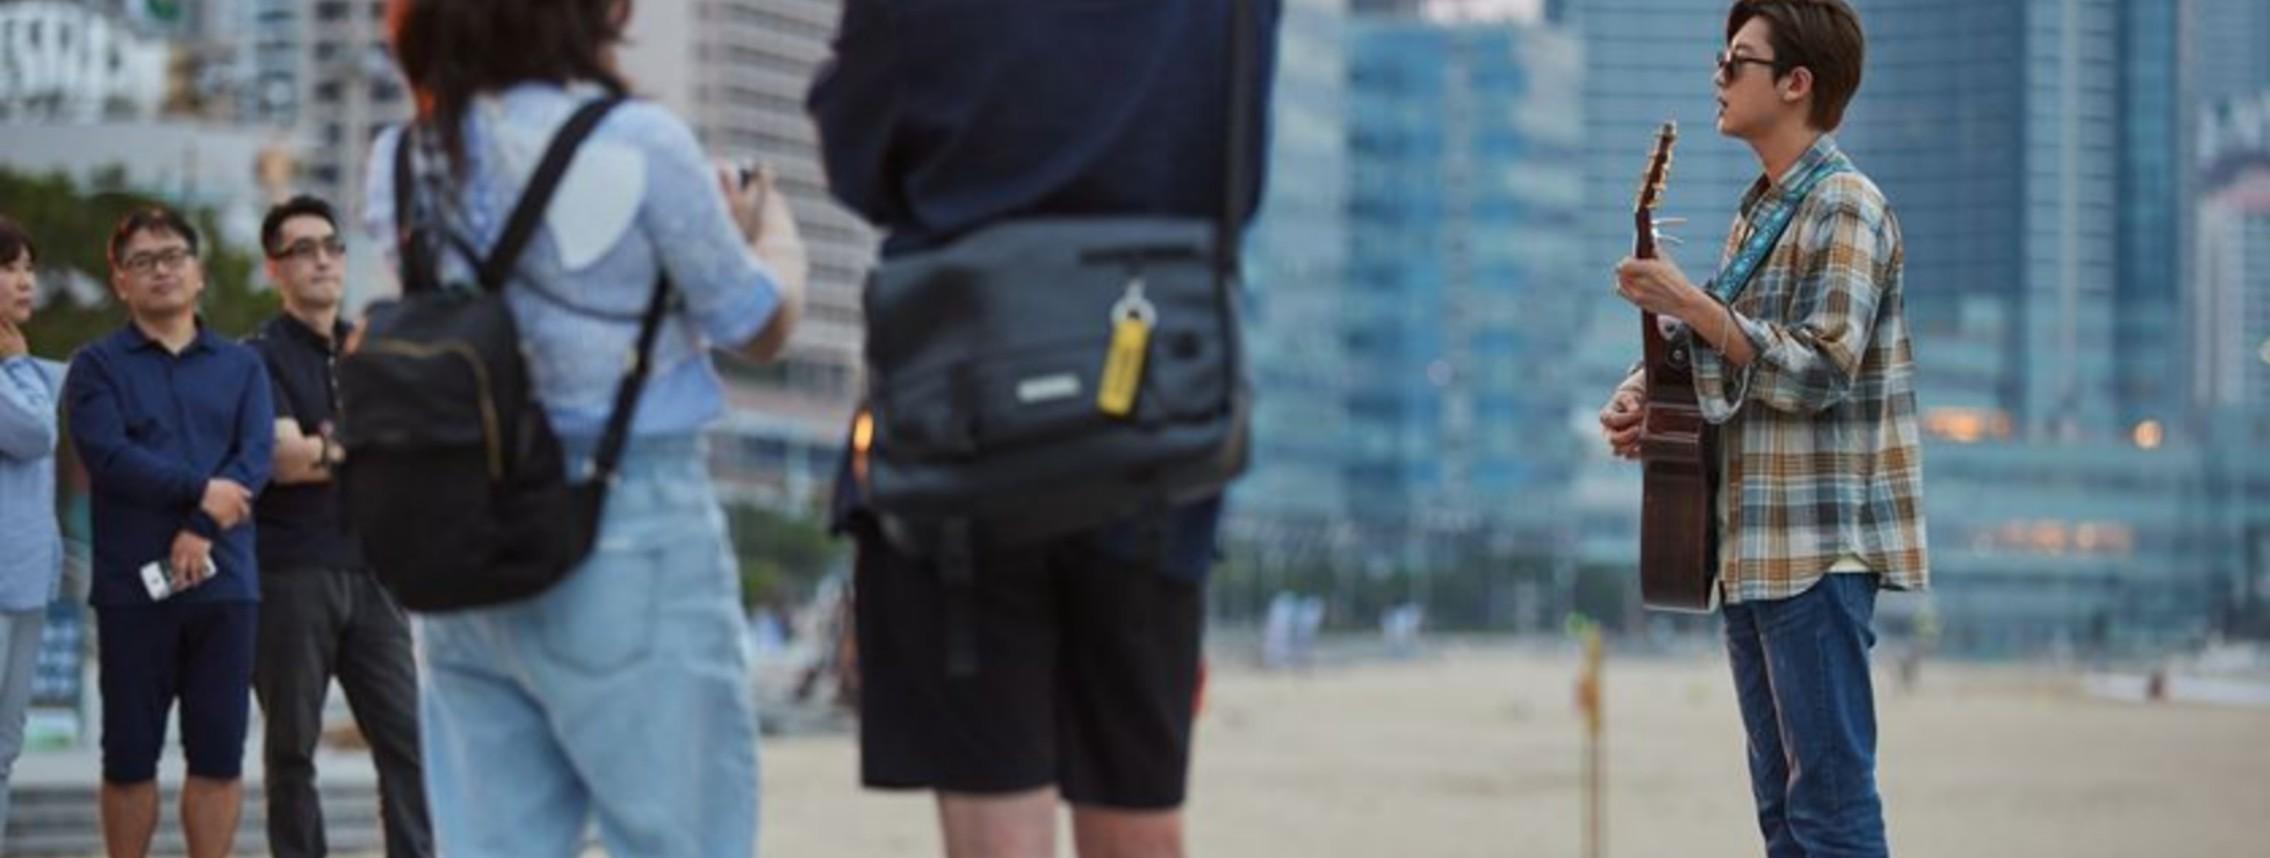 Cena do filme The Box - No Ritmo do Coração. Foto dos bastidores. Chanyeol está parado, tocando um violão e olhando para o público à esquerda da imagem, ele usa um óculos escuro, uma camisa xadrez laranja e cinza e uma calça jeans. Ao fundo pode-se ver a praia e alguns prédios.